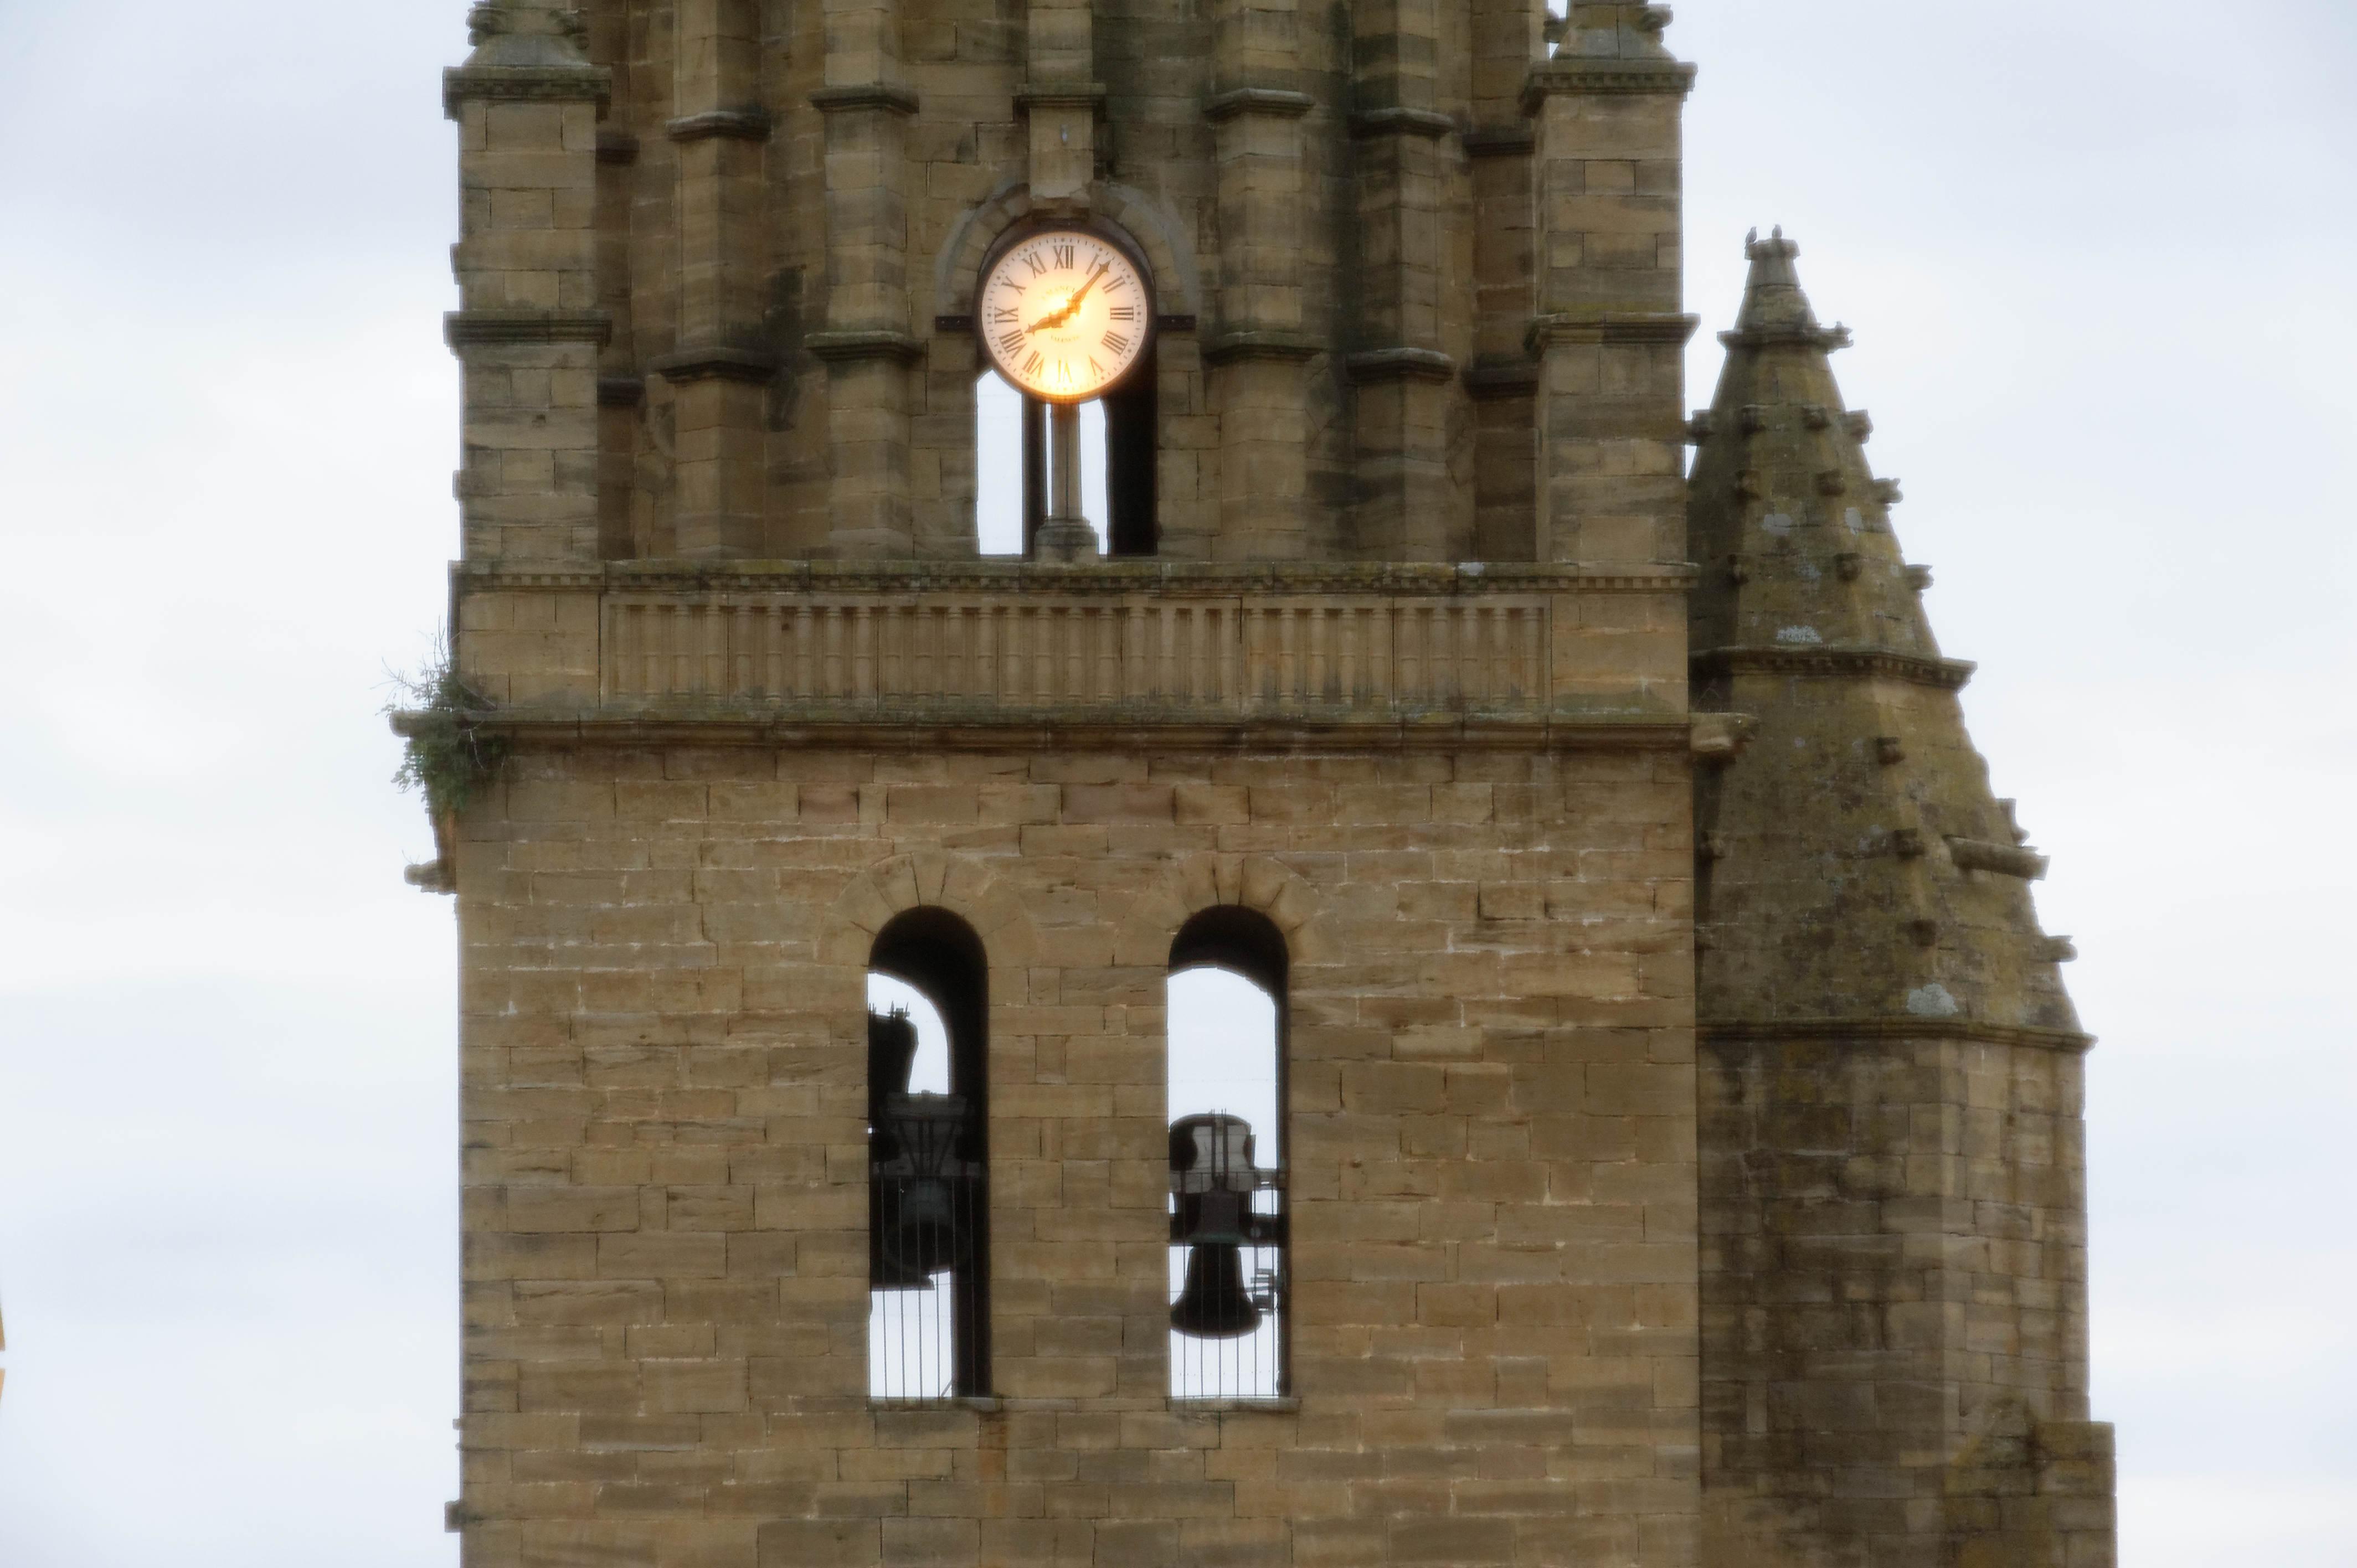 3634_Loarre (Aragon)